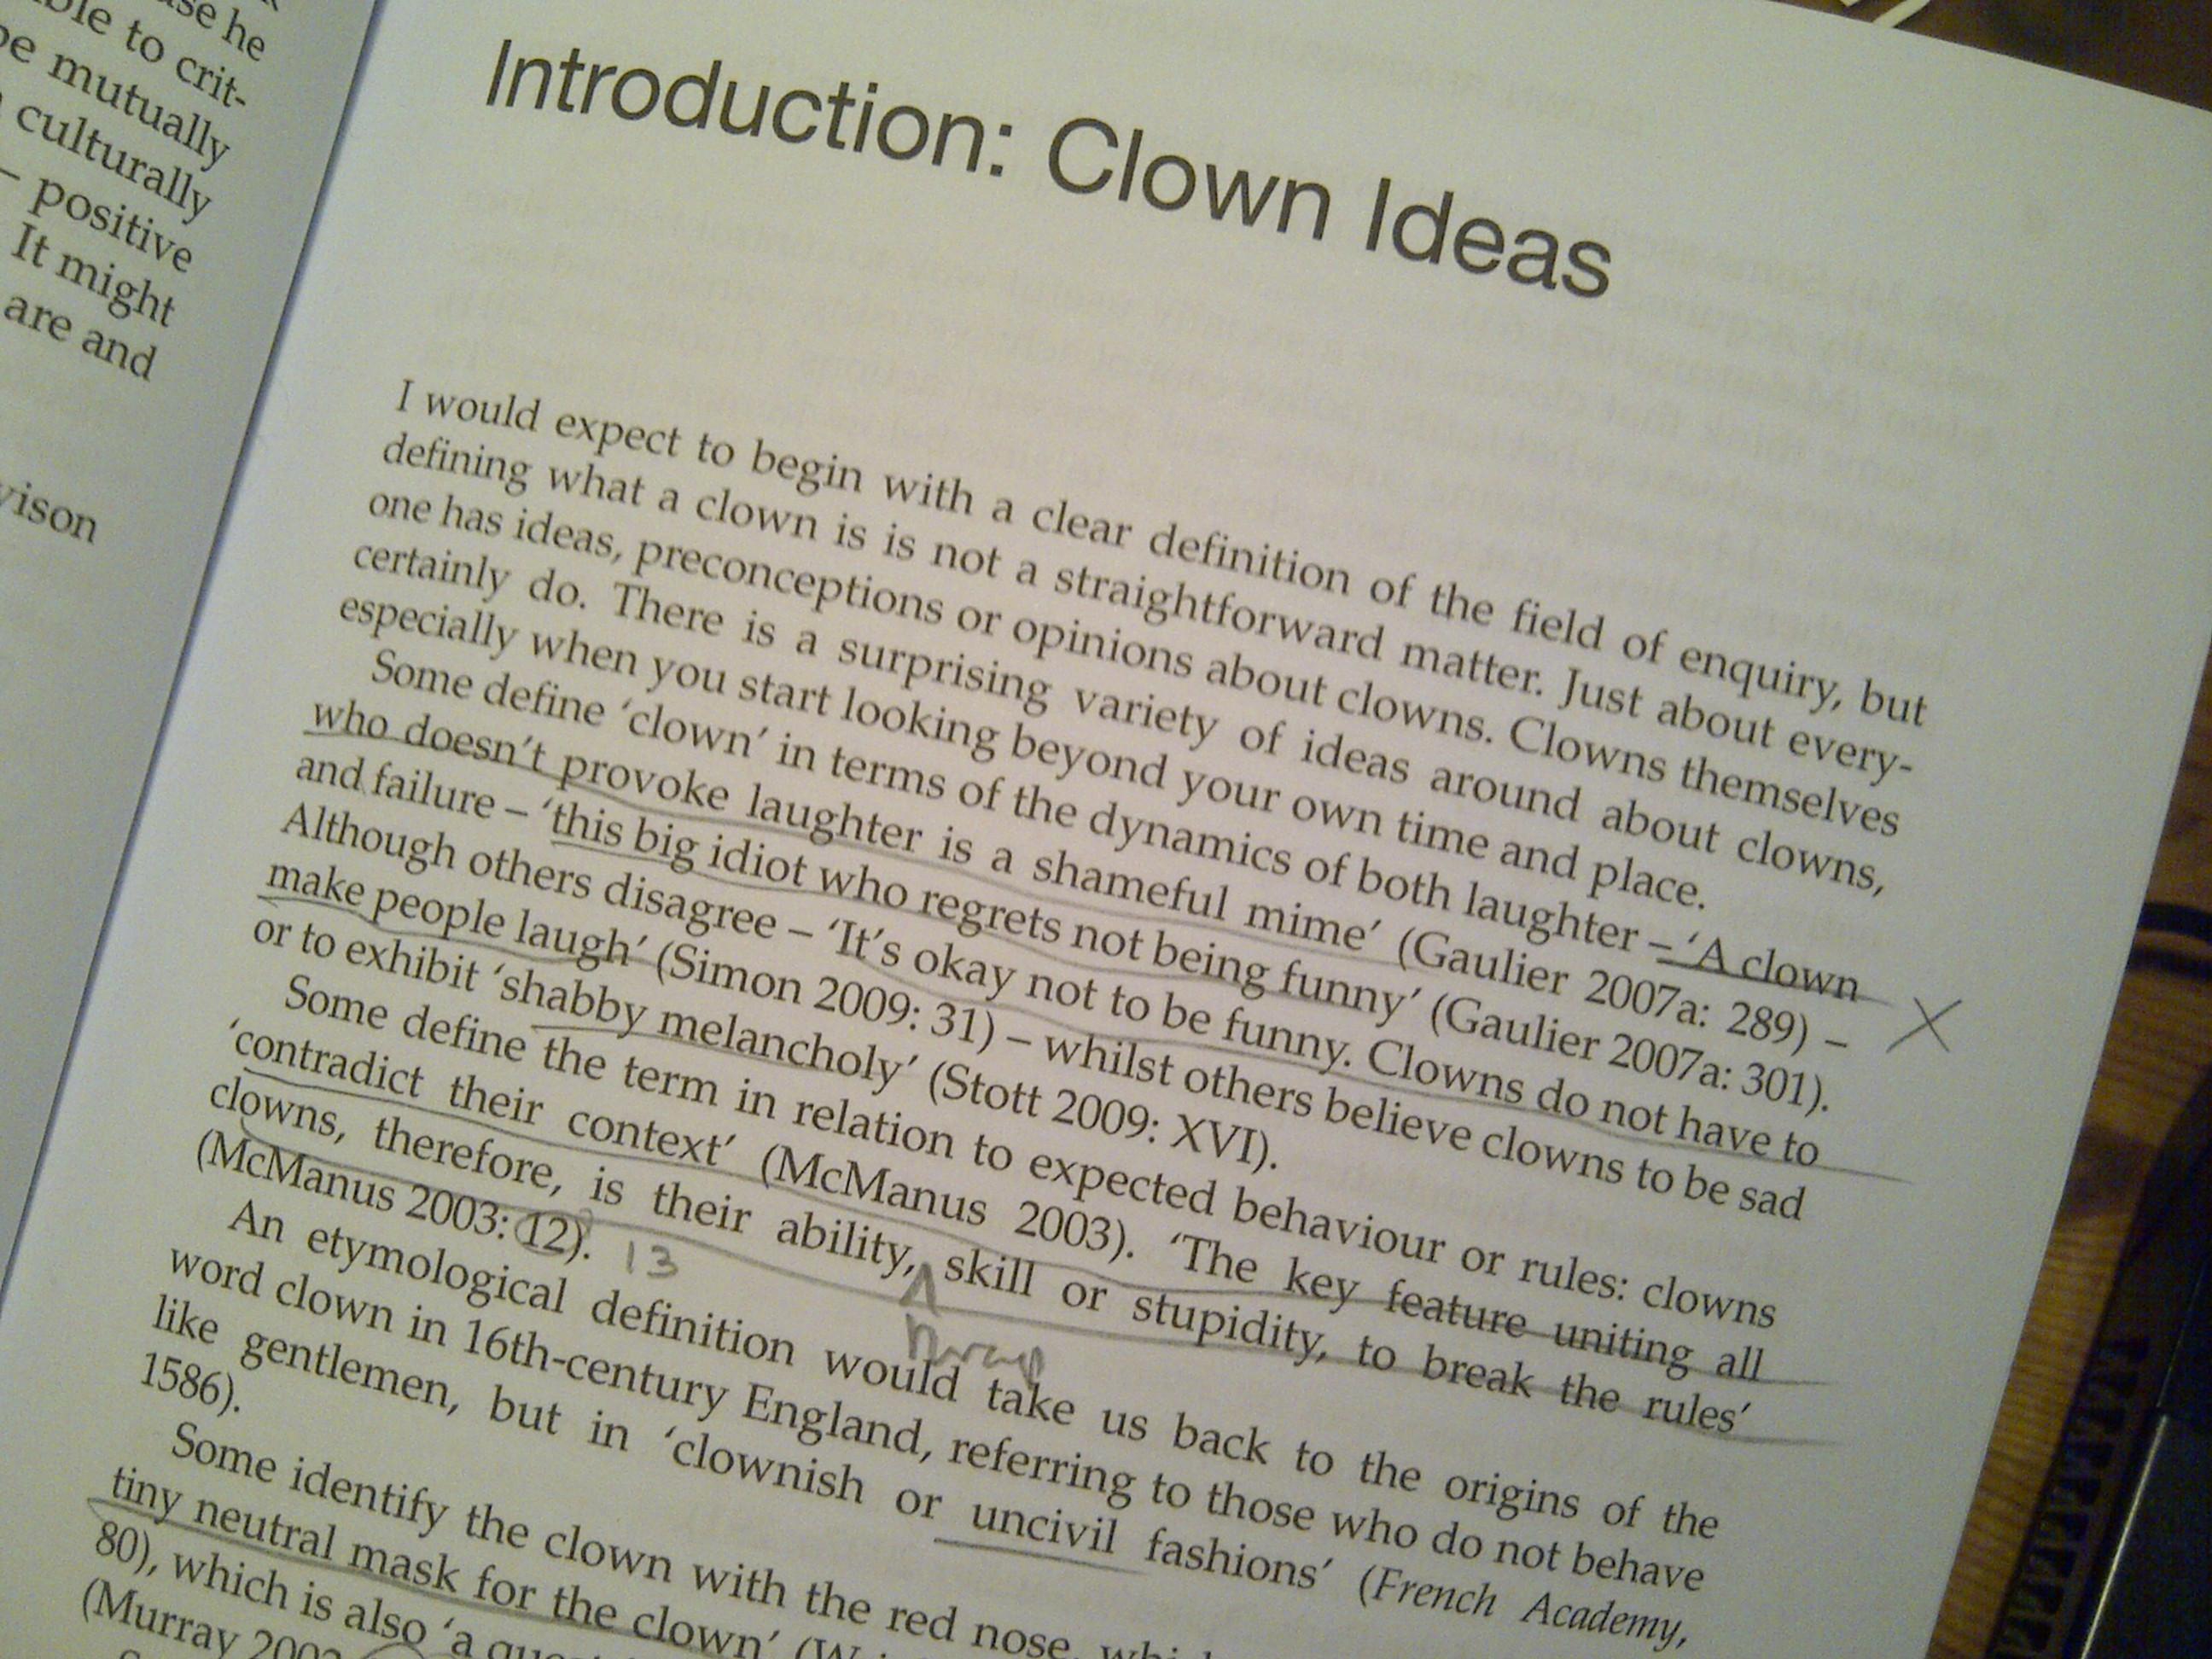 Clown Studies Course